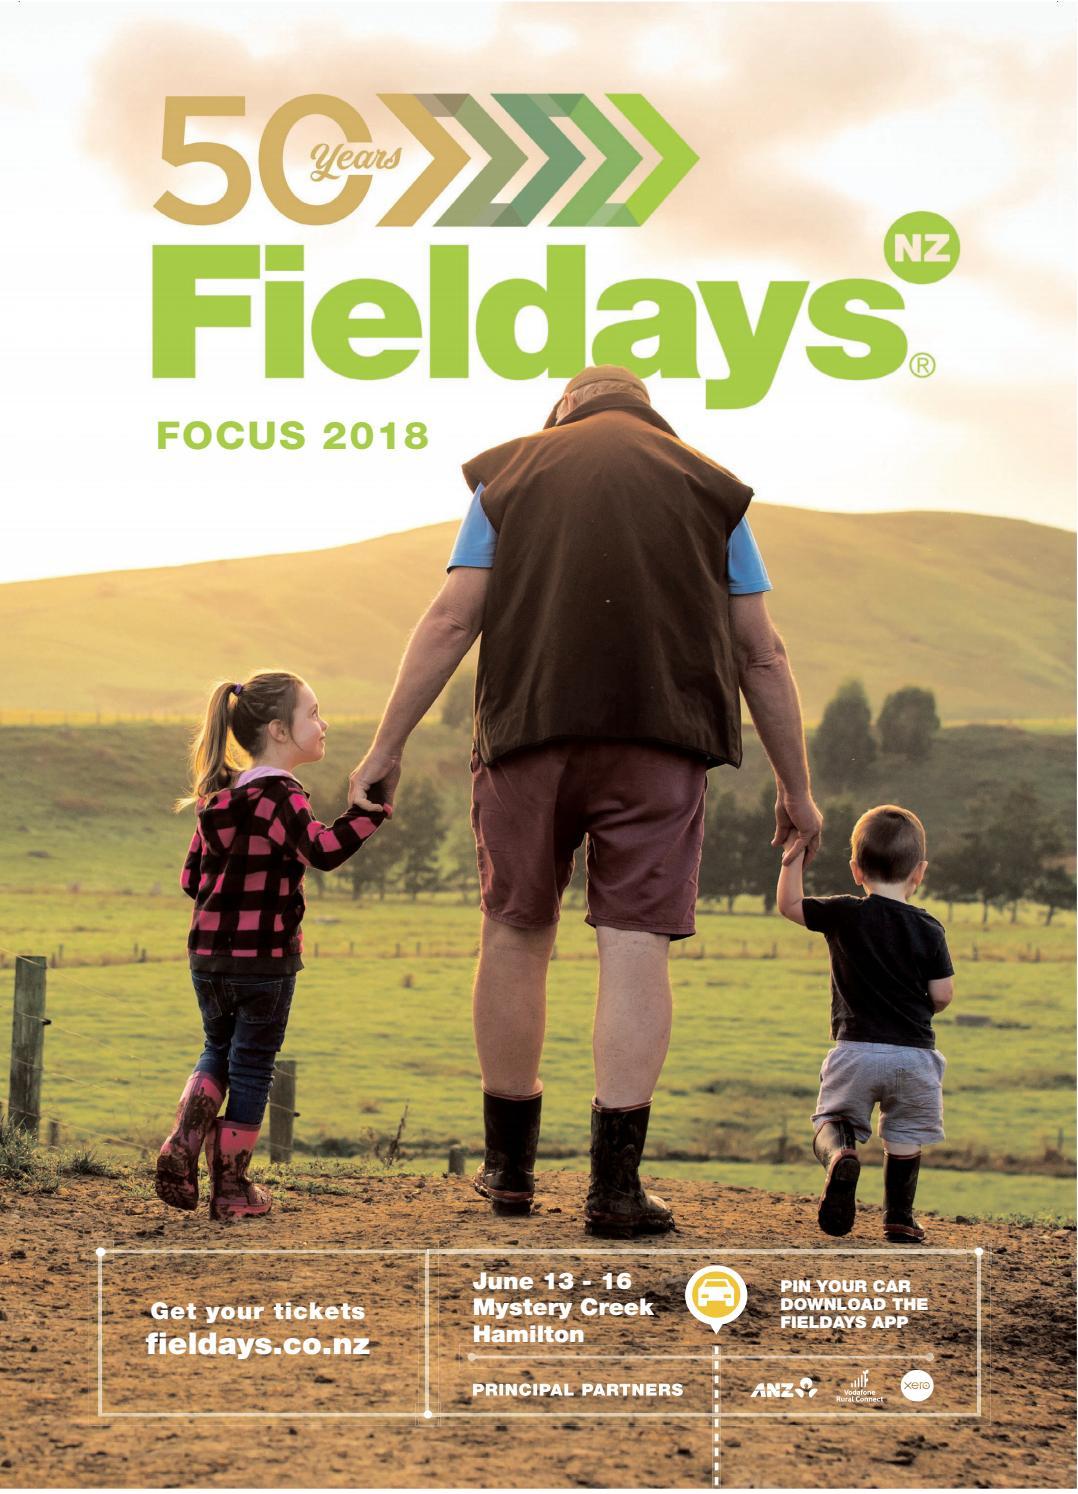 Fieldays Focus 2018 by NZME  - issuu